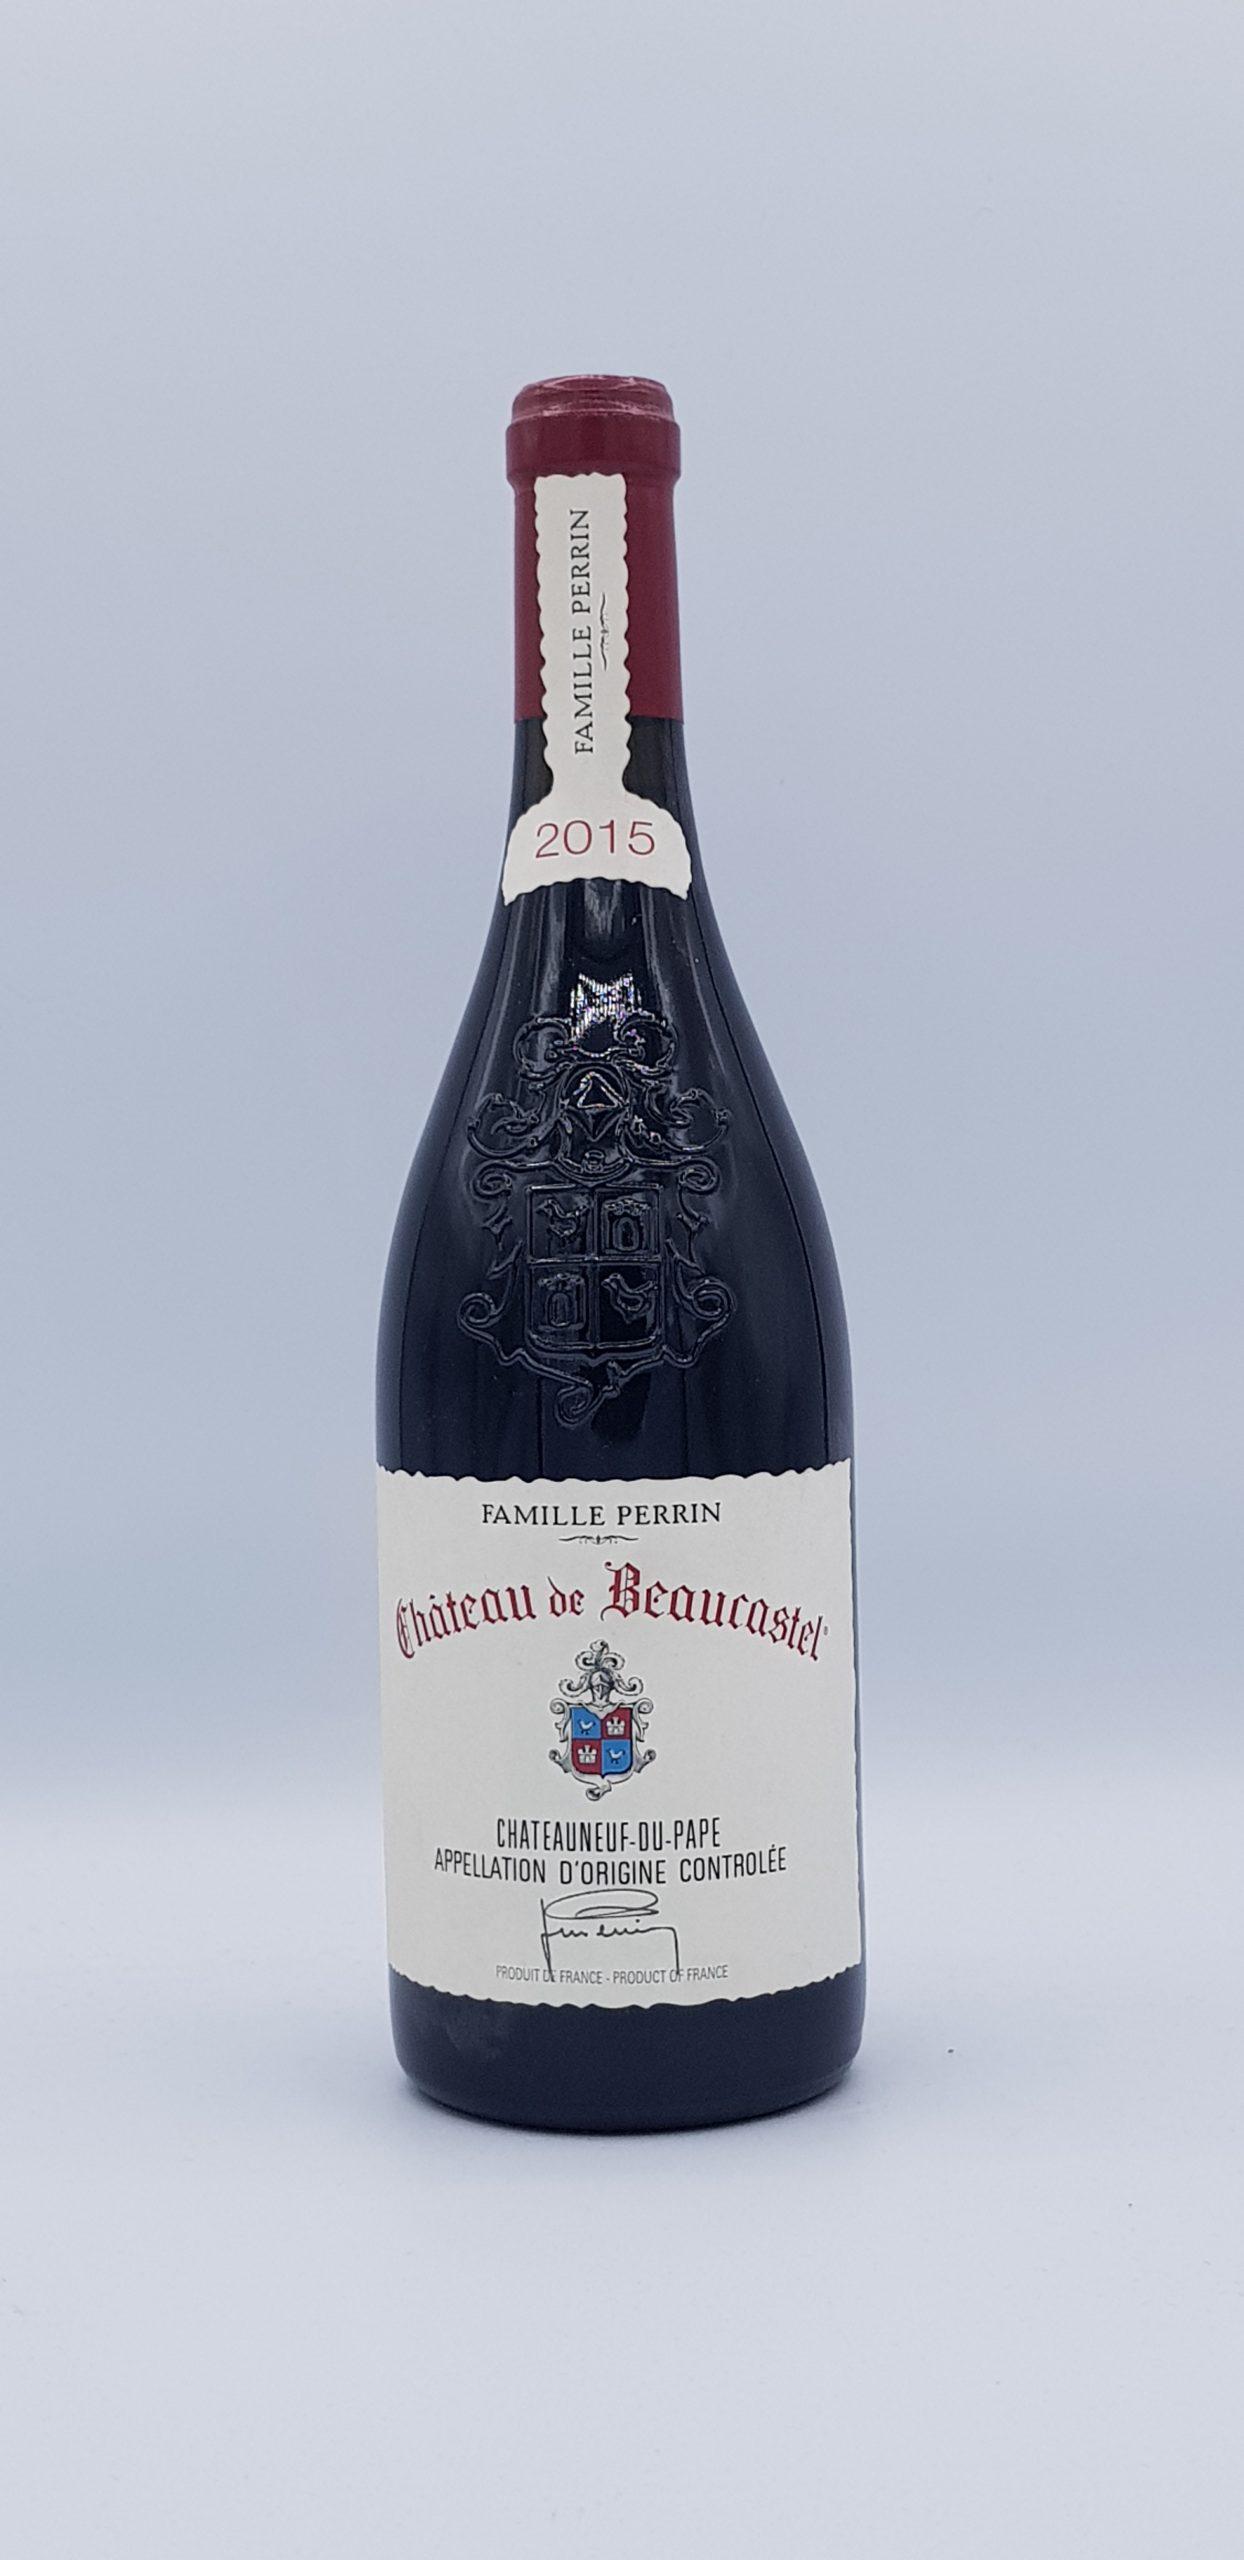 Rhone Jero Chateauneuf Du Pape 2015 Rouge Domaine Beaucastel